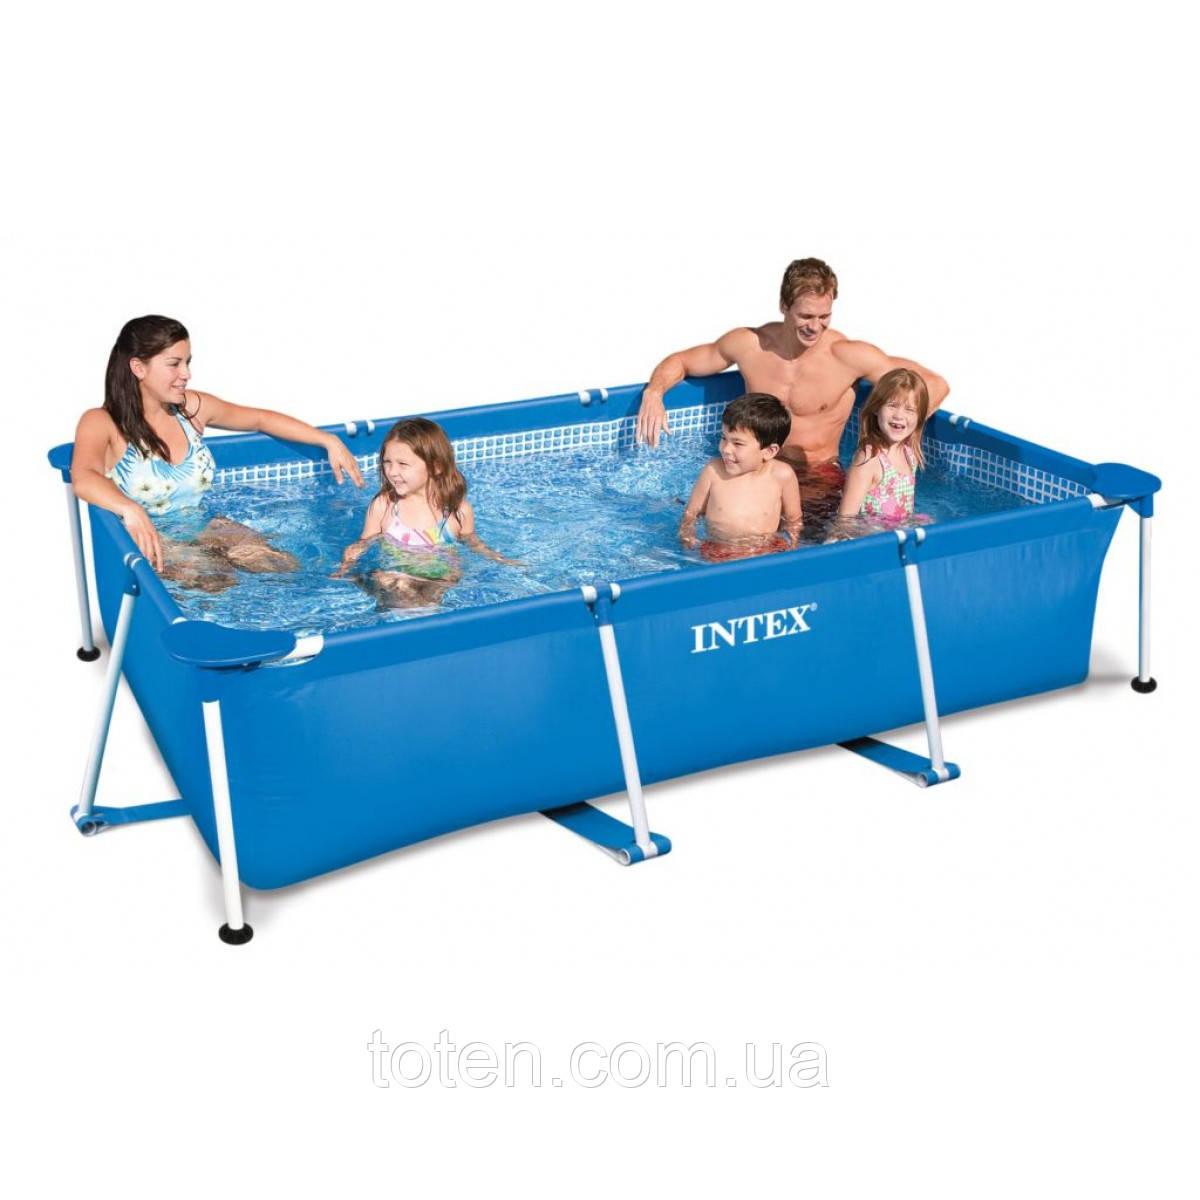 Сборный каркасный прямоугольный бассейн 300-200-75 см Intex 28272 3834 л